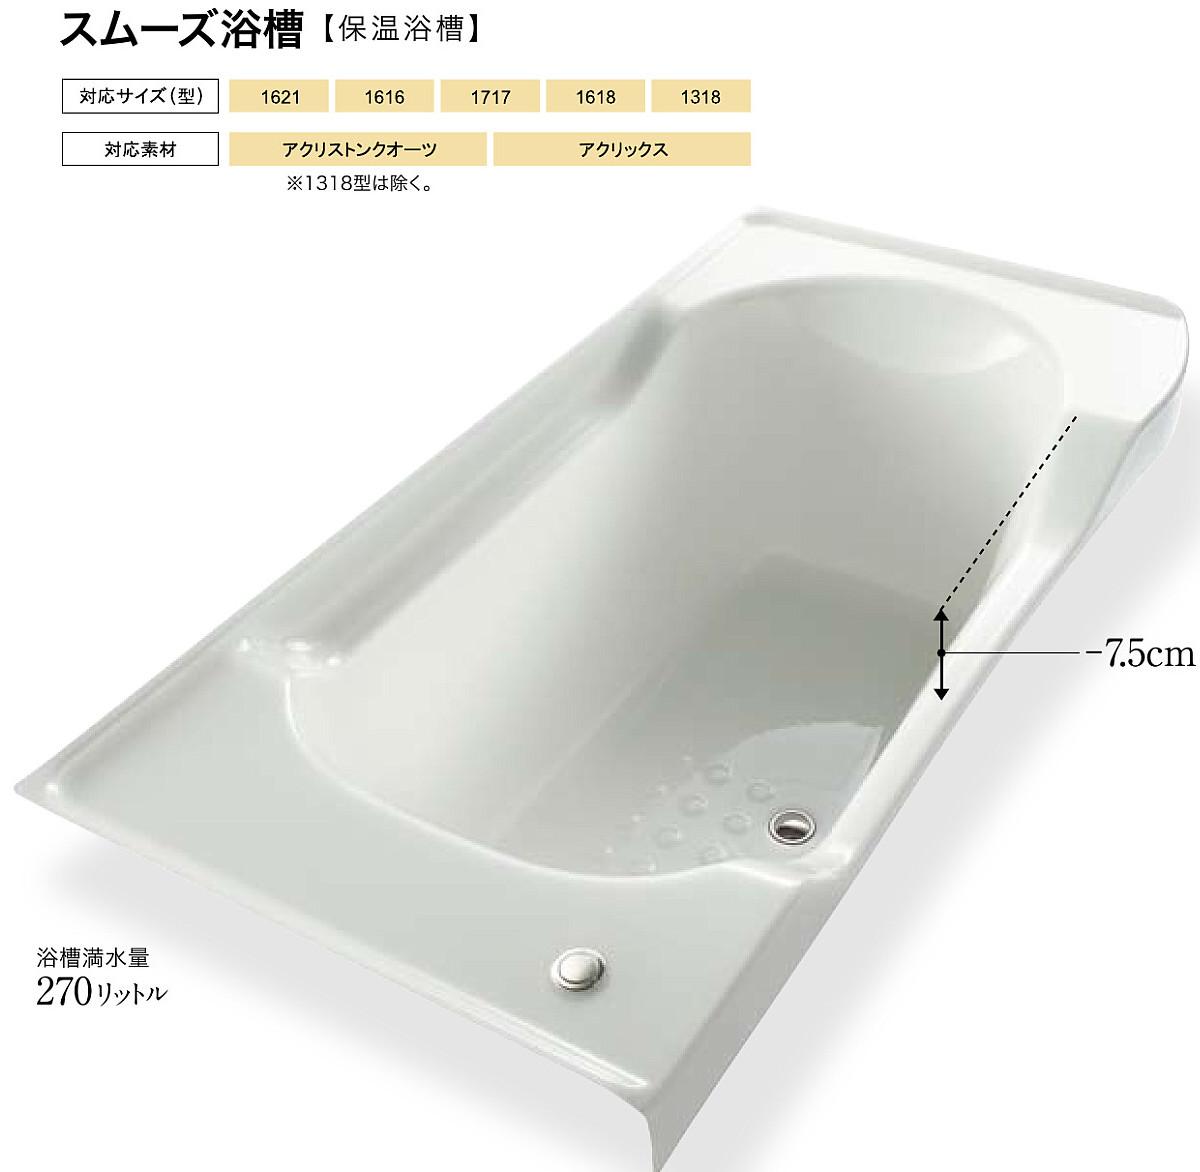 スムーズ浴槽